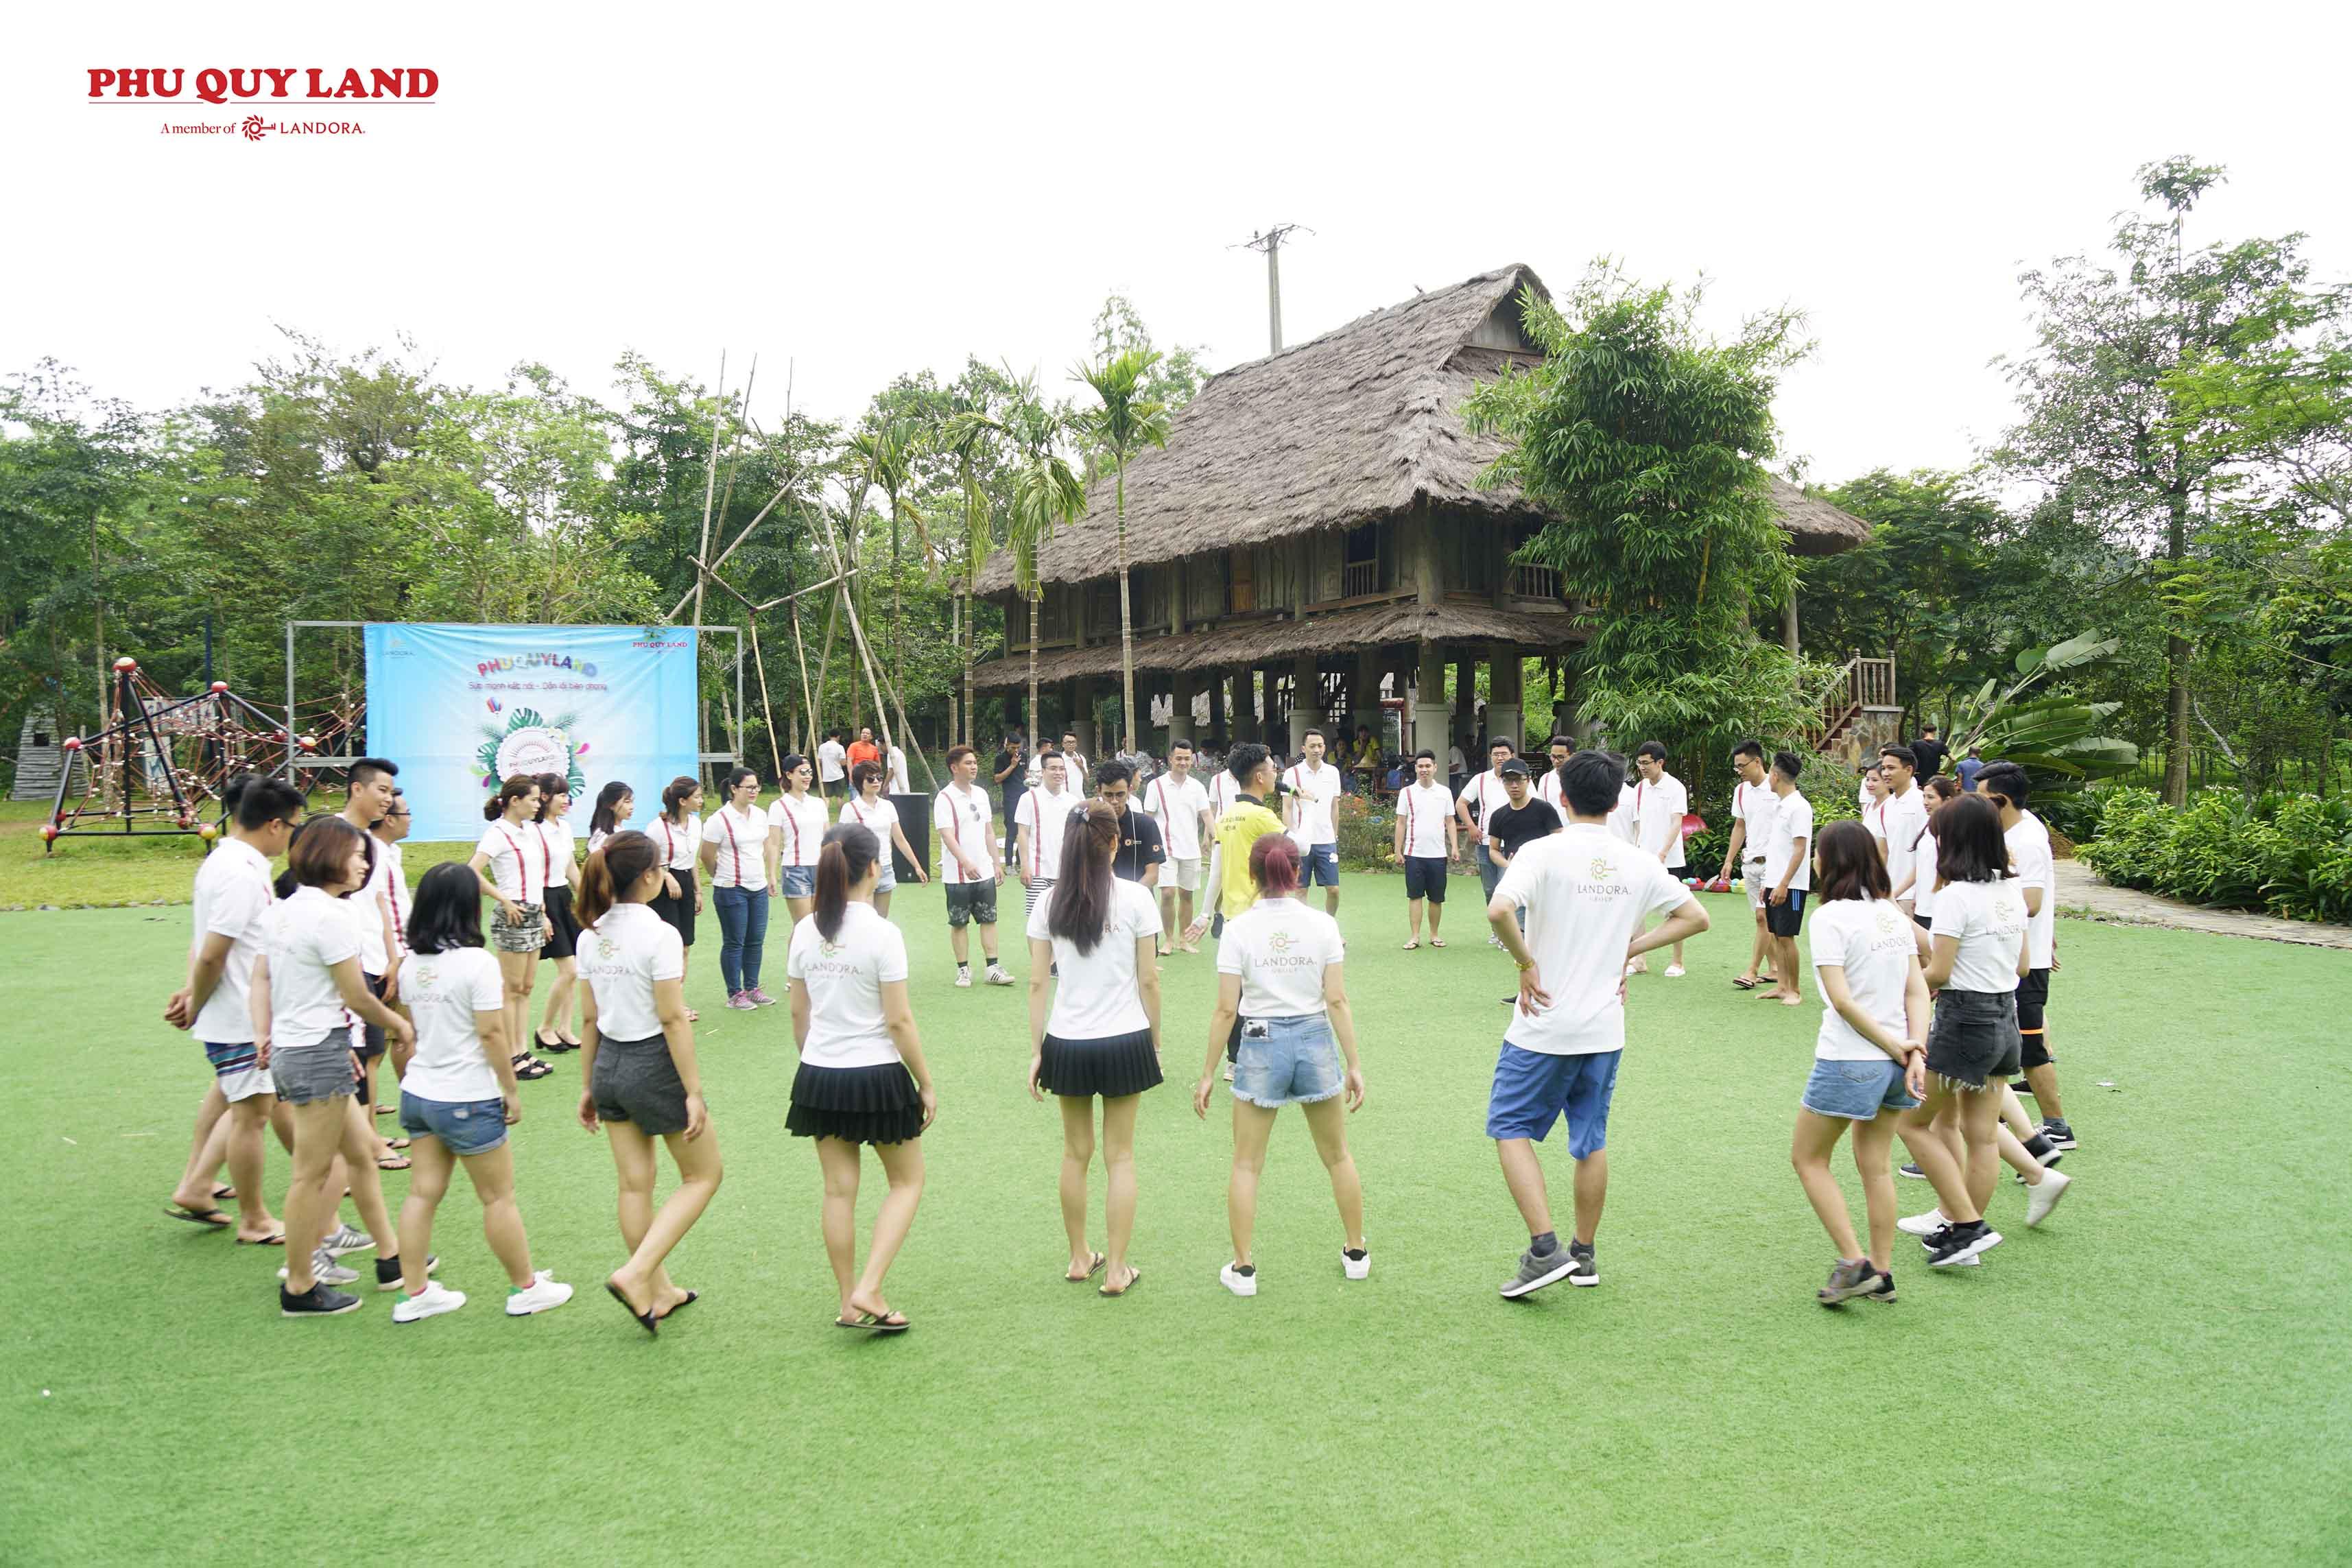 Hoạt động Teambuilding diễn ra tại khu nghỉ dưỡng nổi tiếng Serena Resort